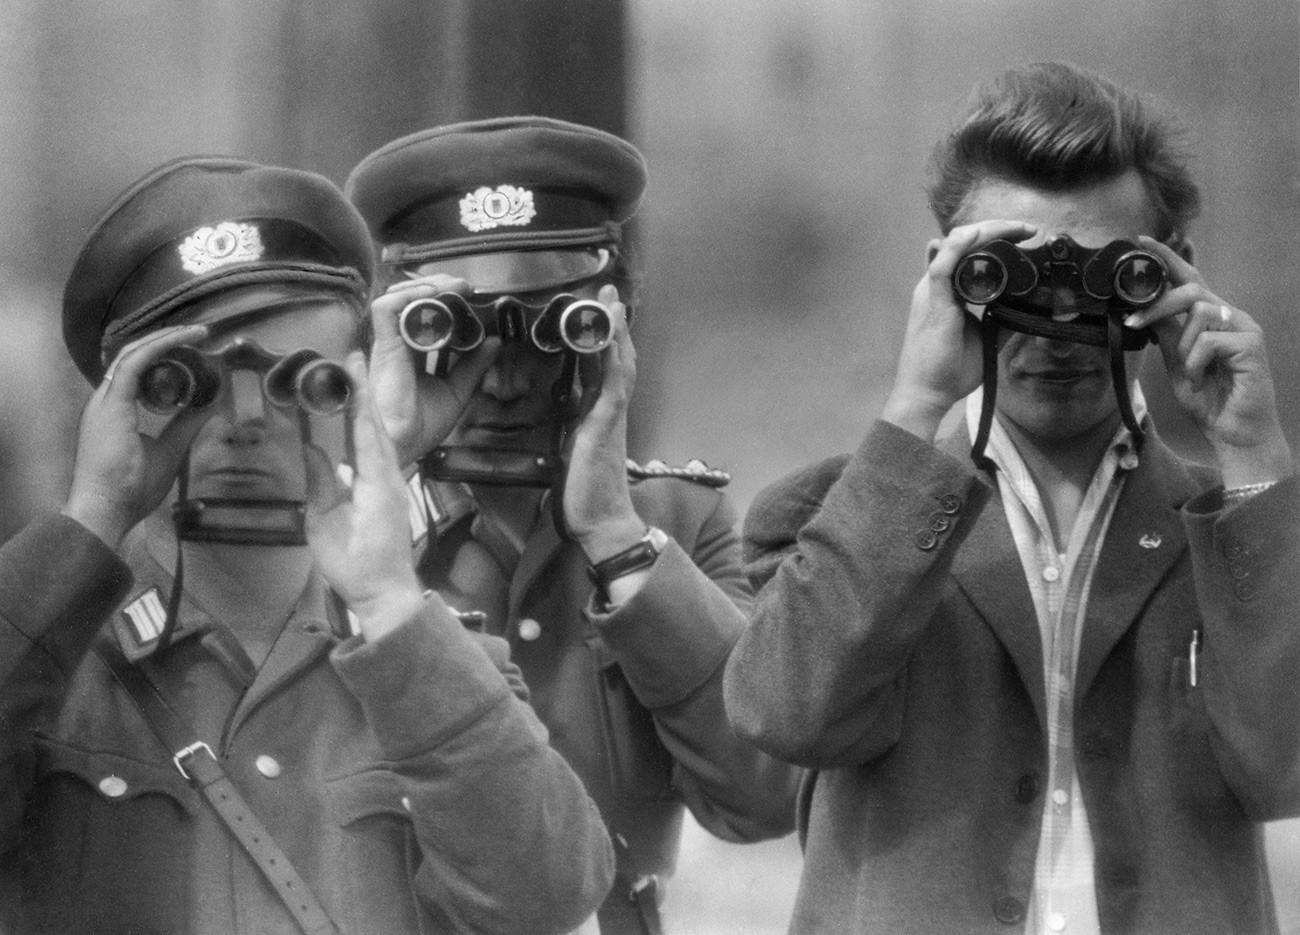 Deux policiers est-allemands et un civil observent avec des jumelles un photographe dans la région de Berlin-Ouest pendant la construction du mur de Berlin.